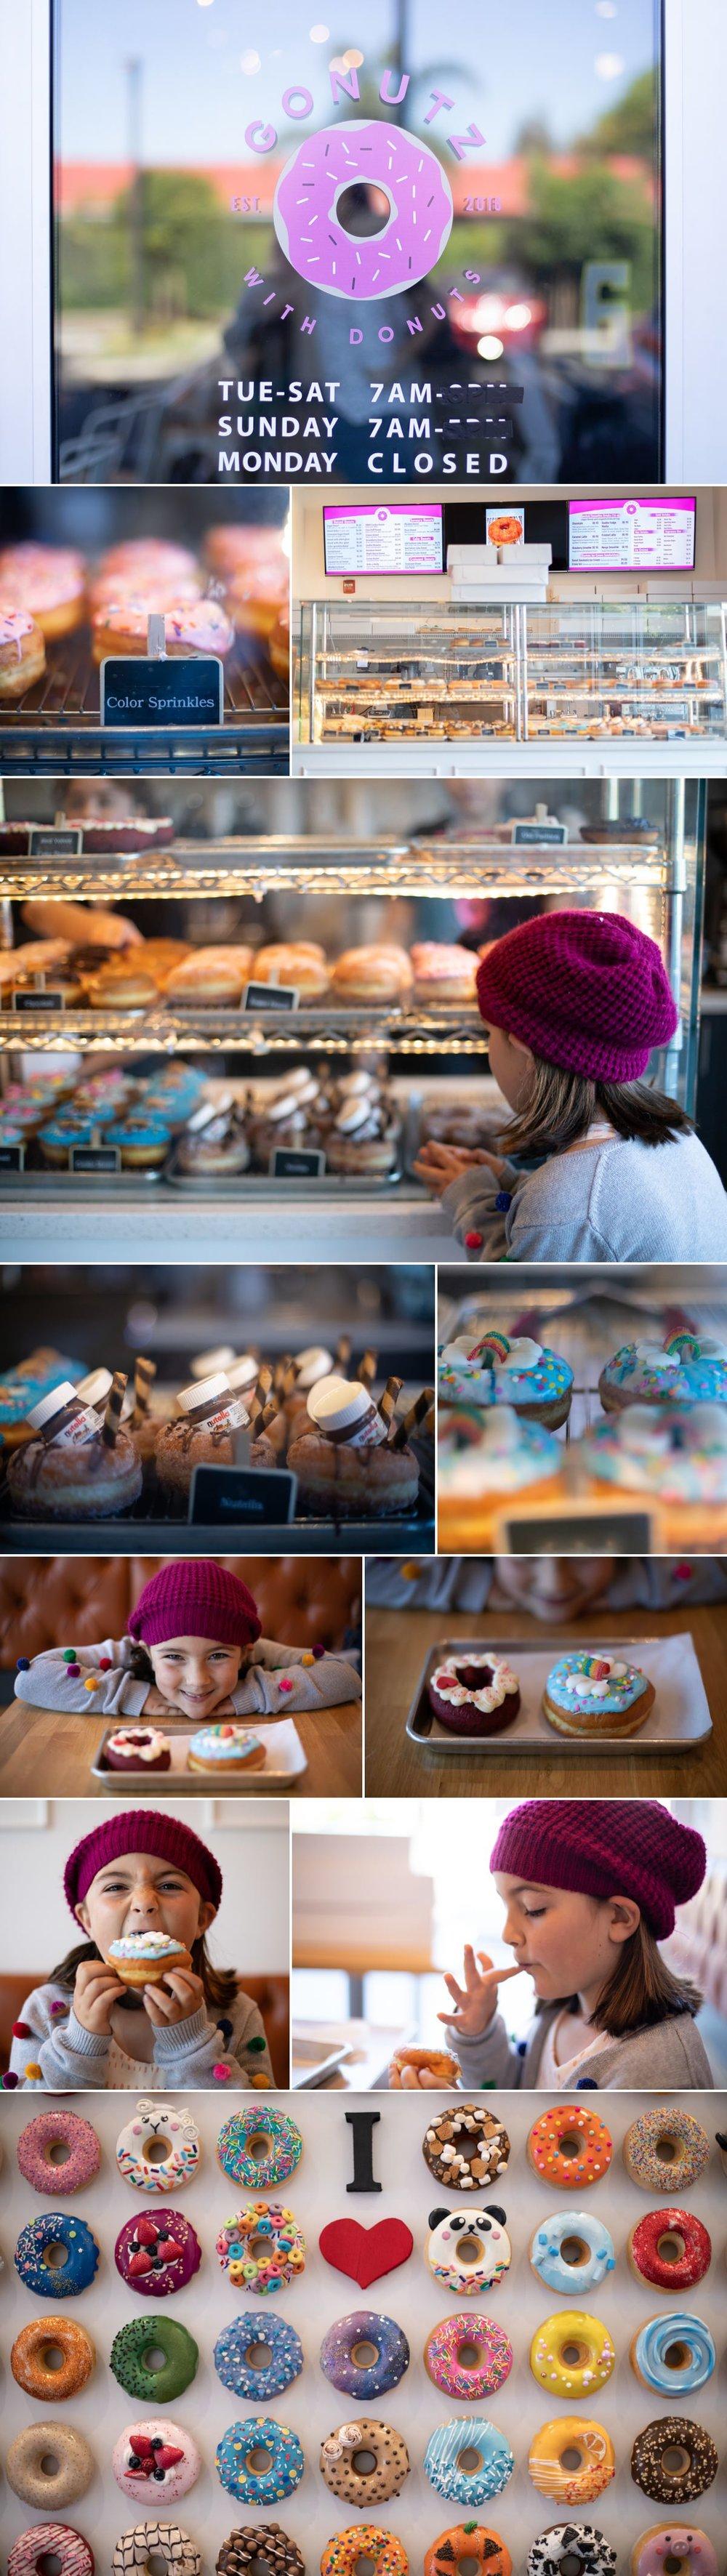 gonutz donuts fremont.jpg